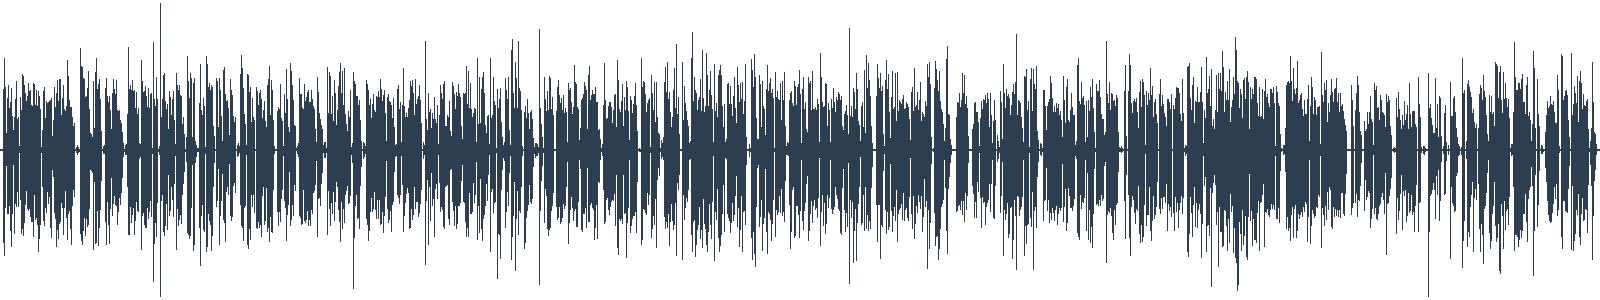 Zvon waveform